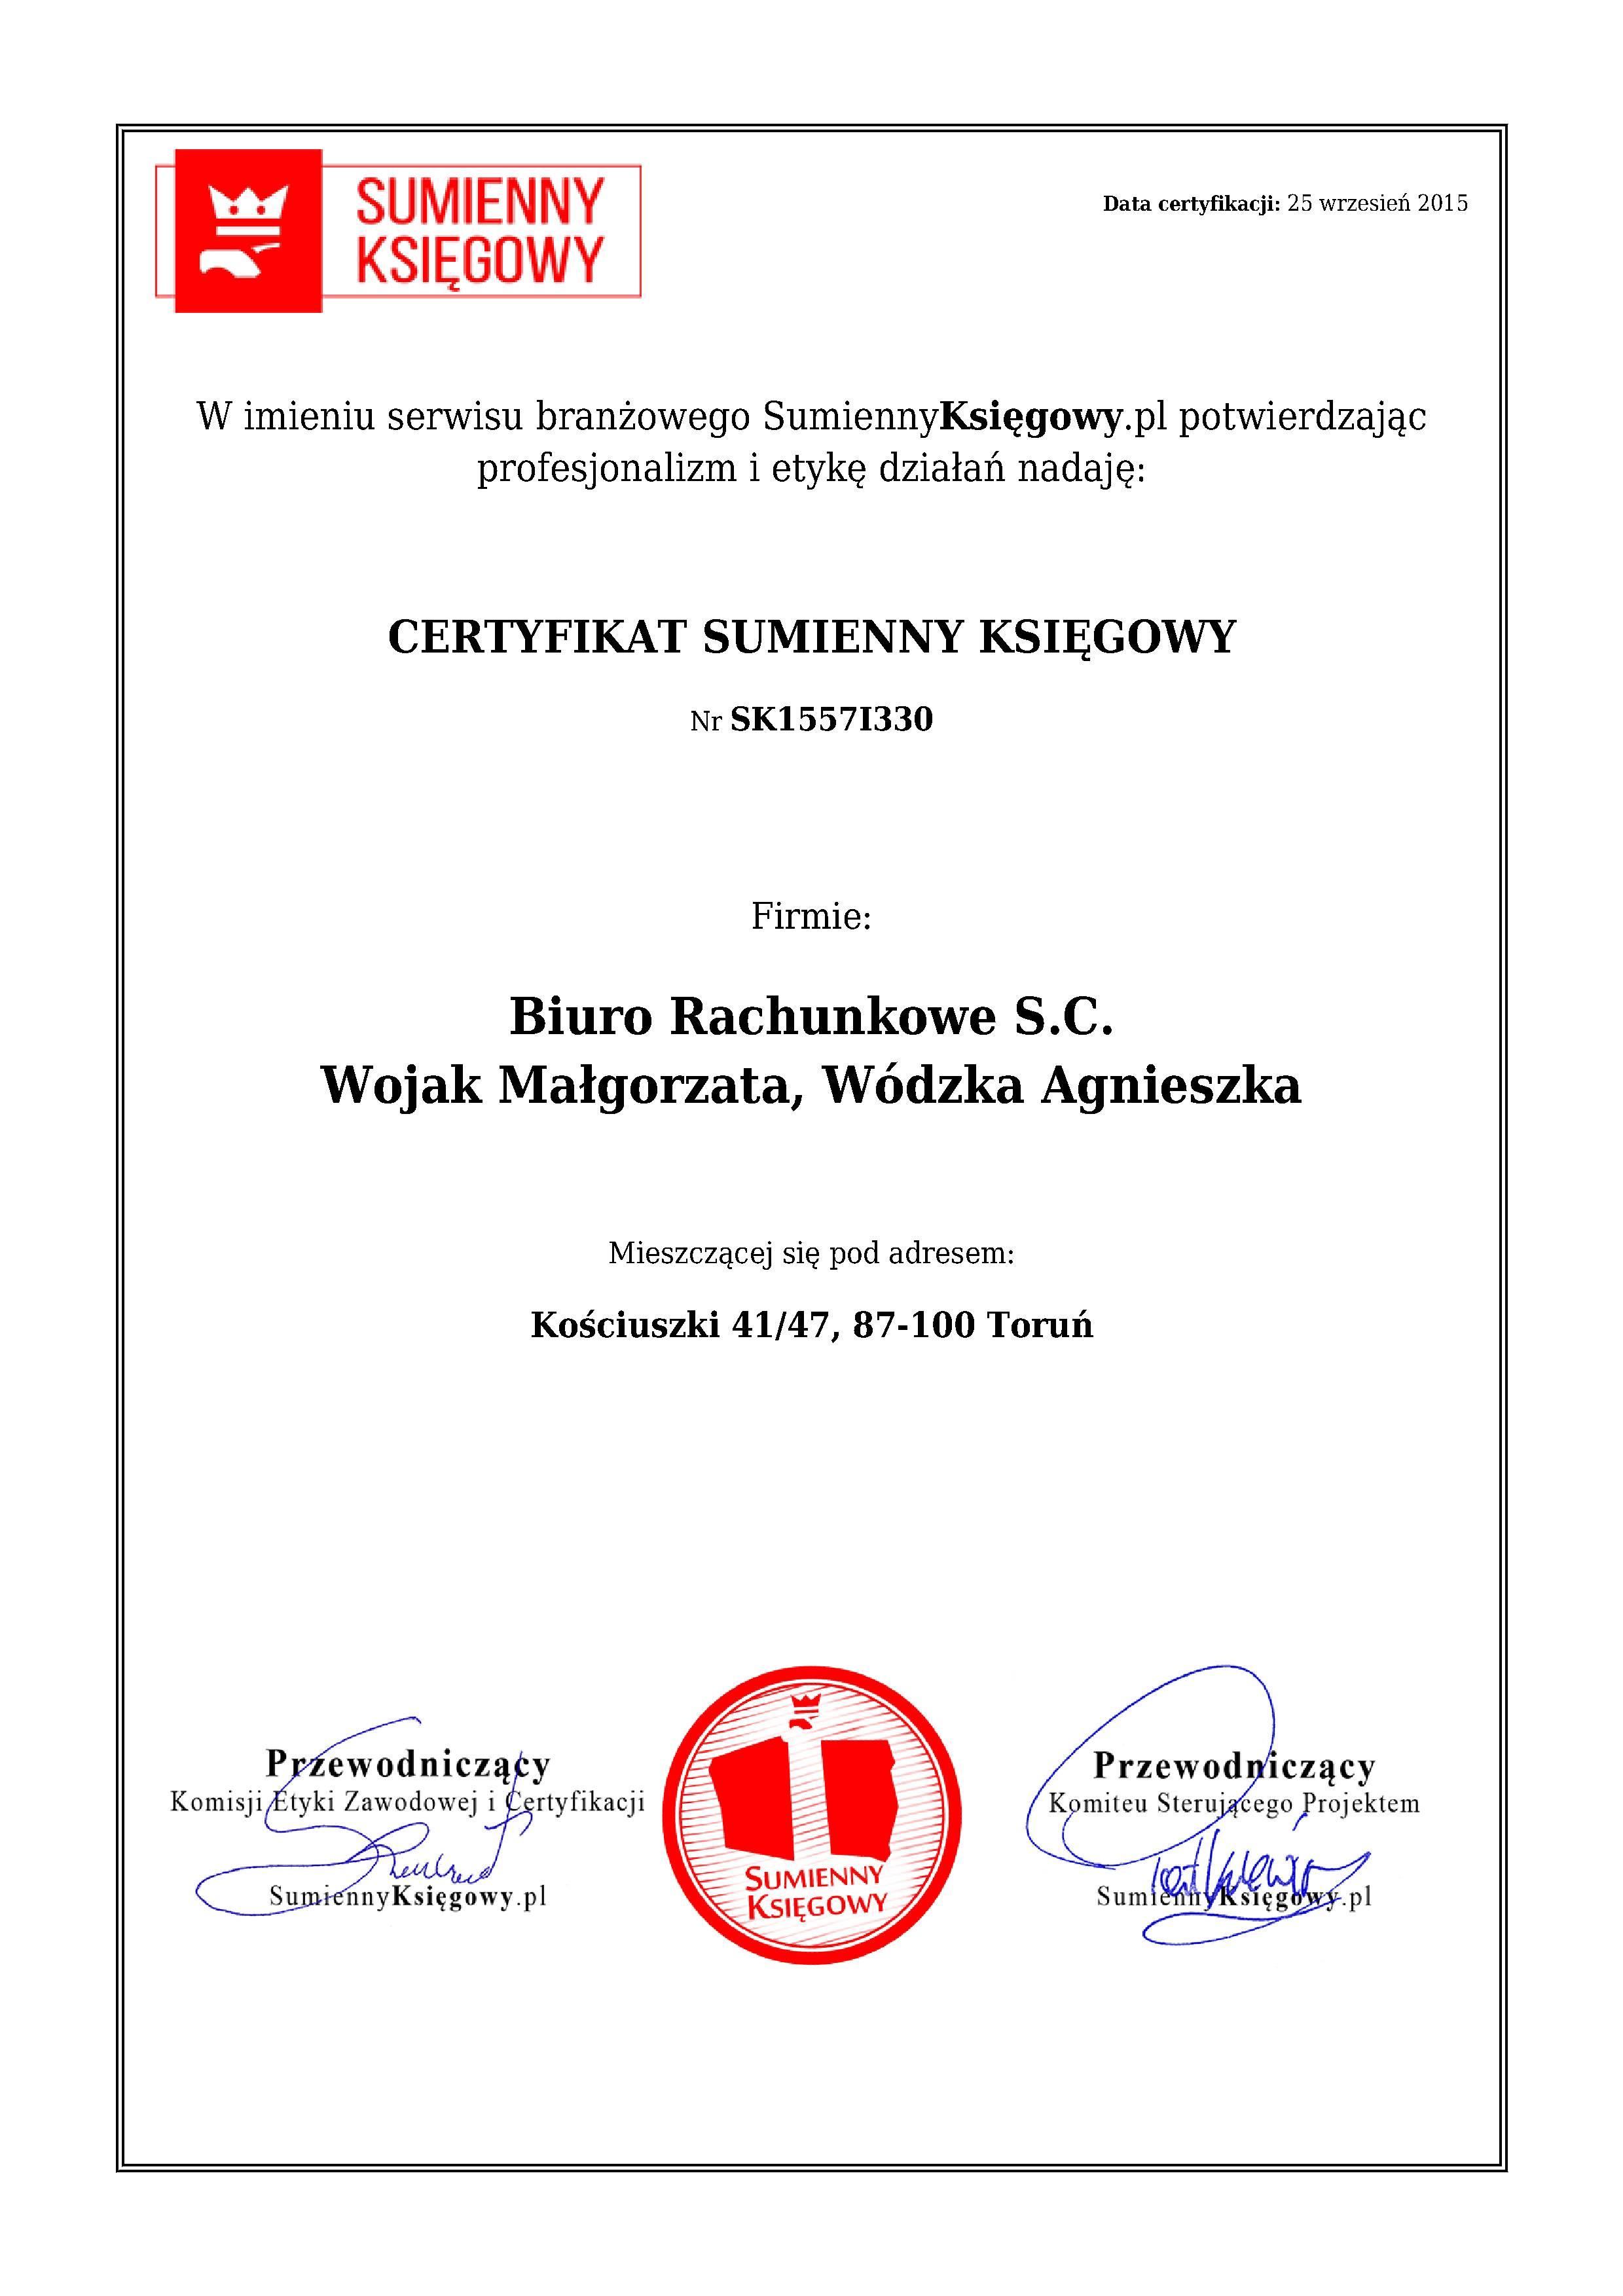 Certyfikat Biuro Rachunkowe S.C. Wojak Małgorzata, Wódzka Agnieszka